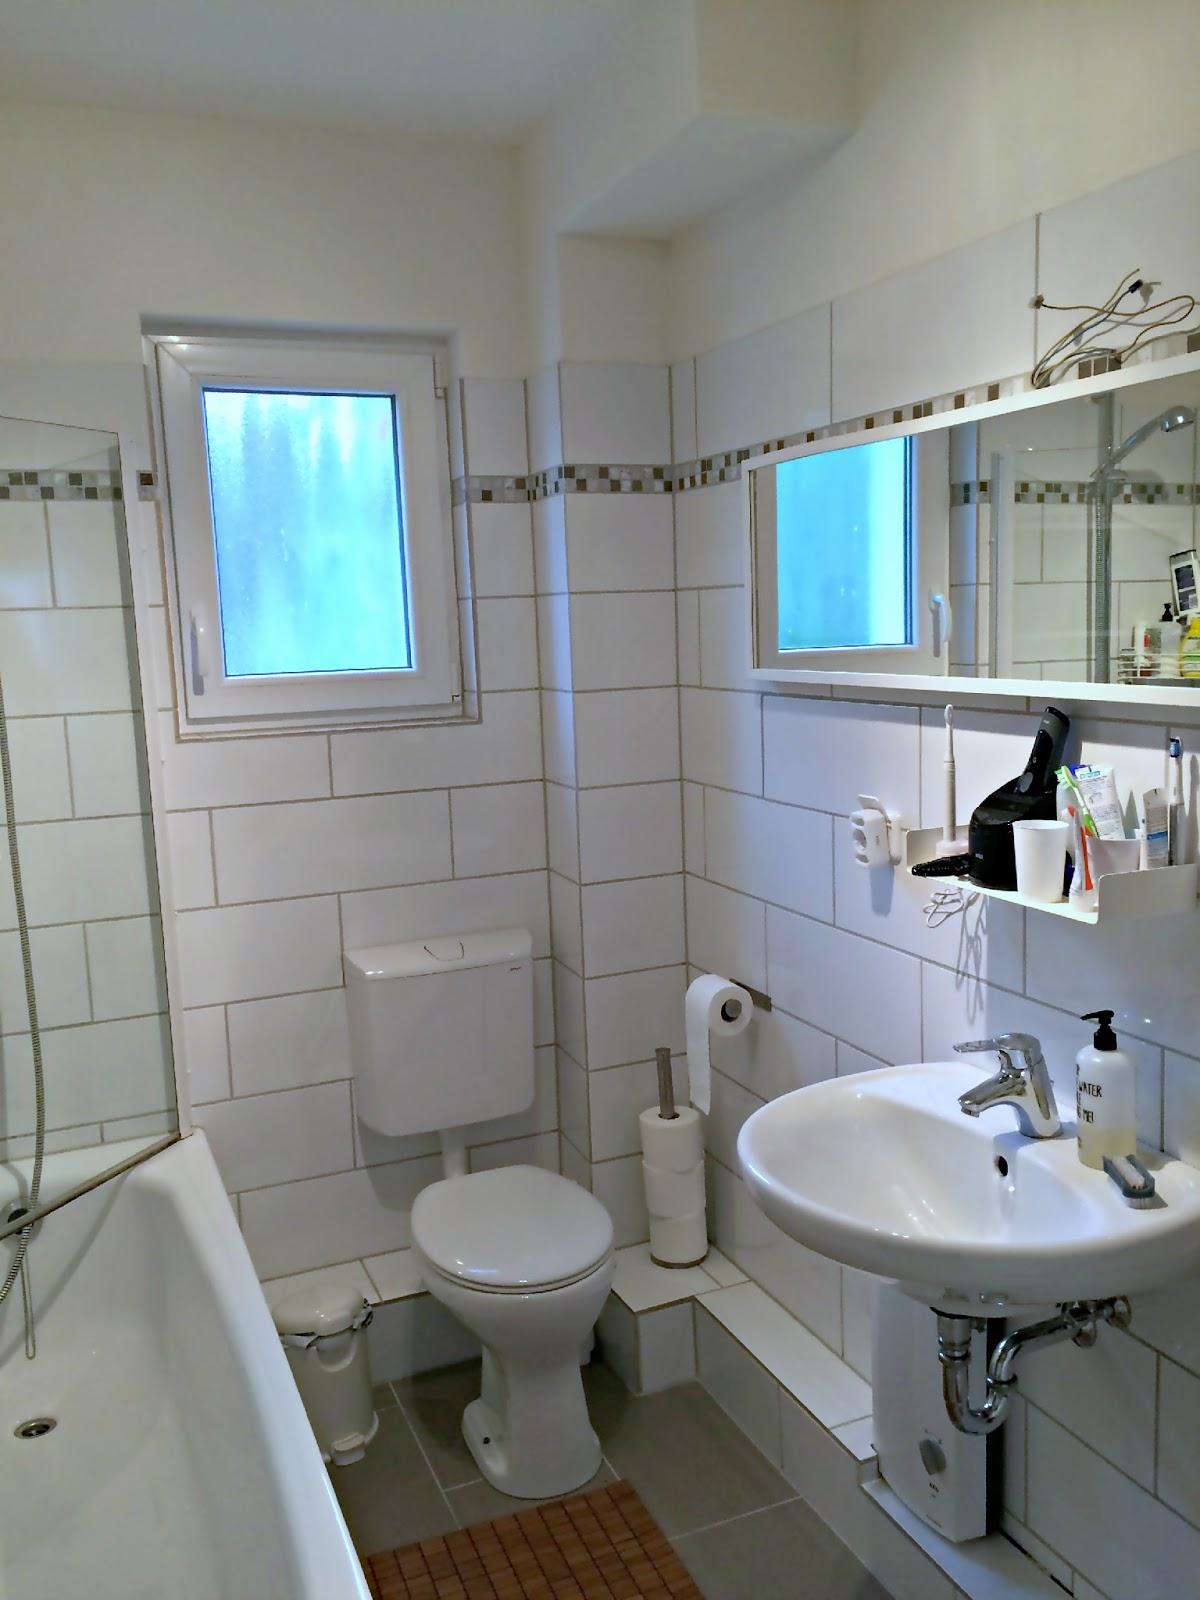 Frollein Pfau: Was unser Bad mit Tine Wittler zu tun hat*